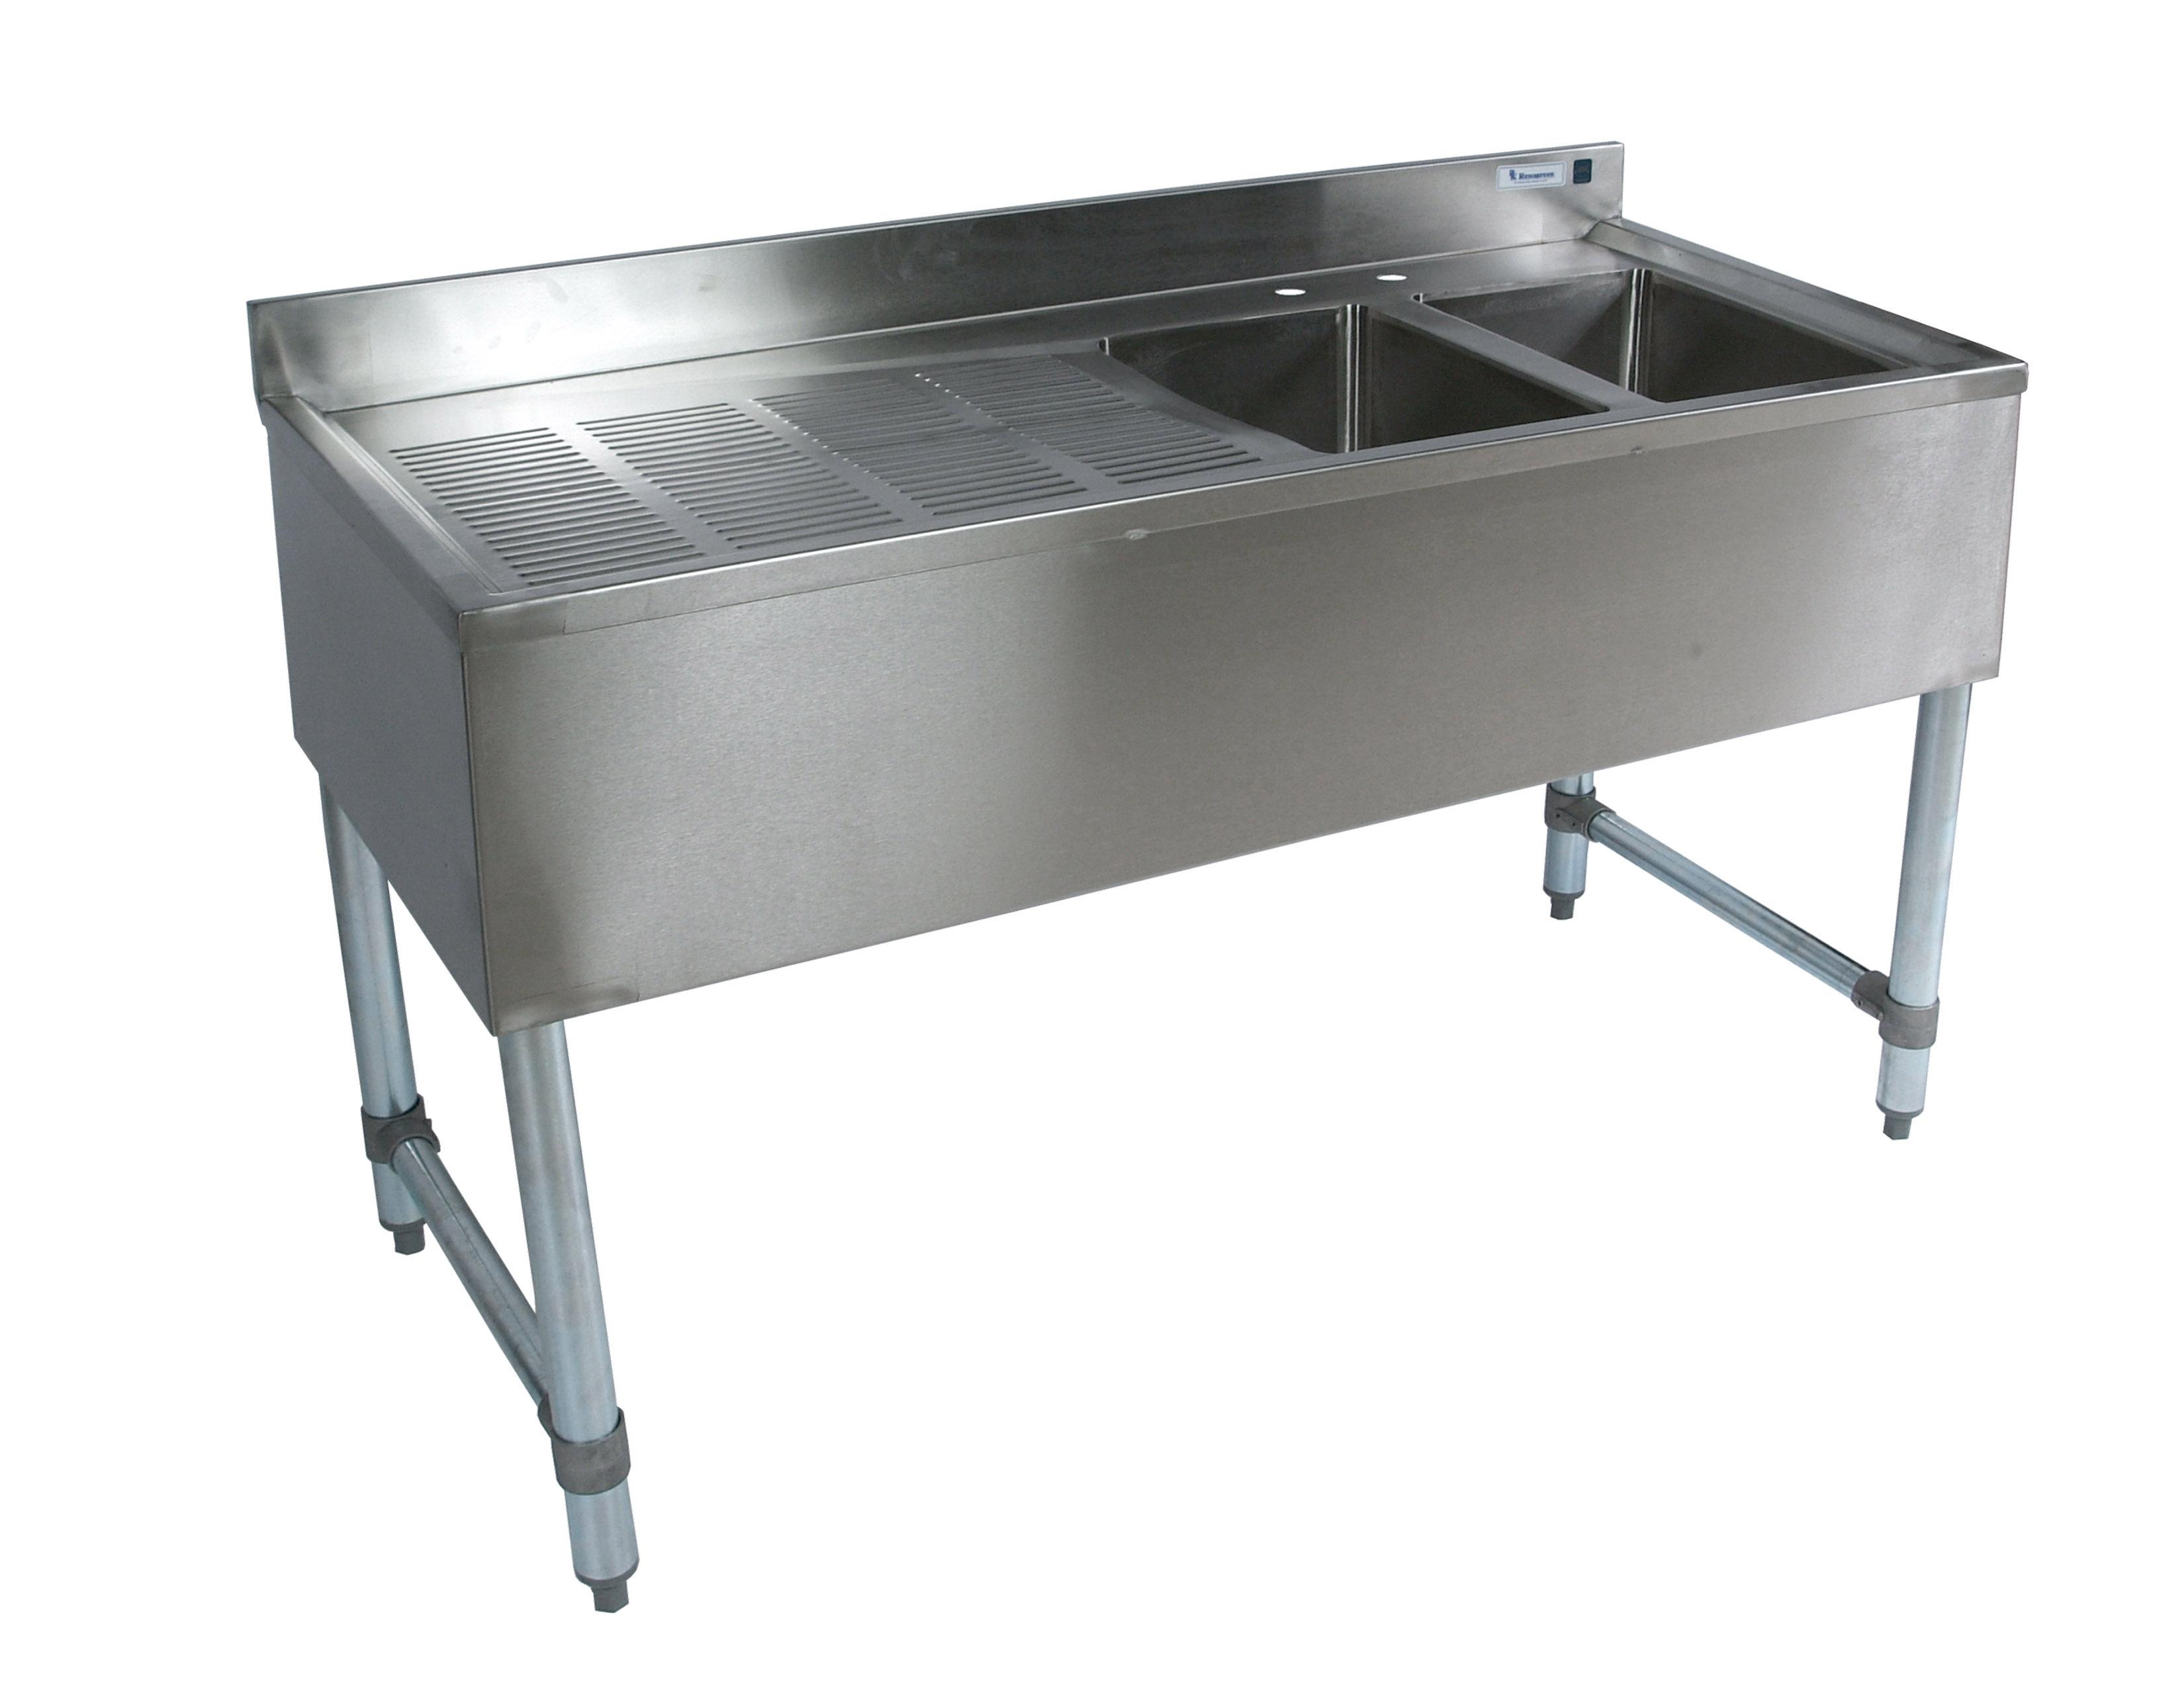 restaurant bar sink faucet restaurant bar sink faucet 3 compartment bar sink restaurant bar sinks 3300 x 2550